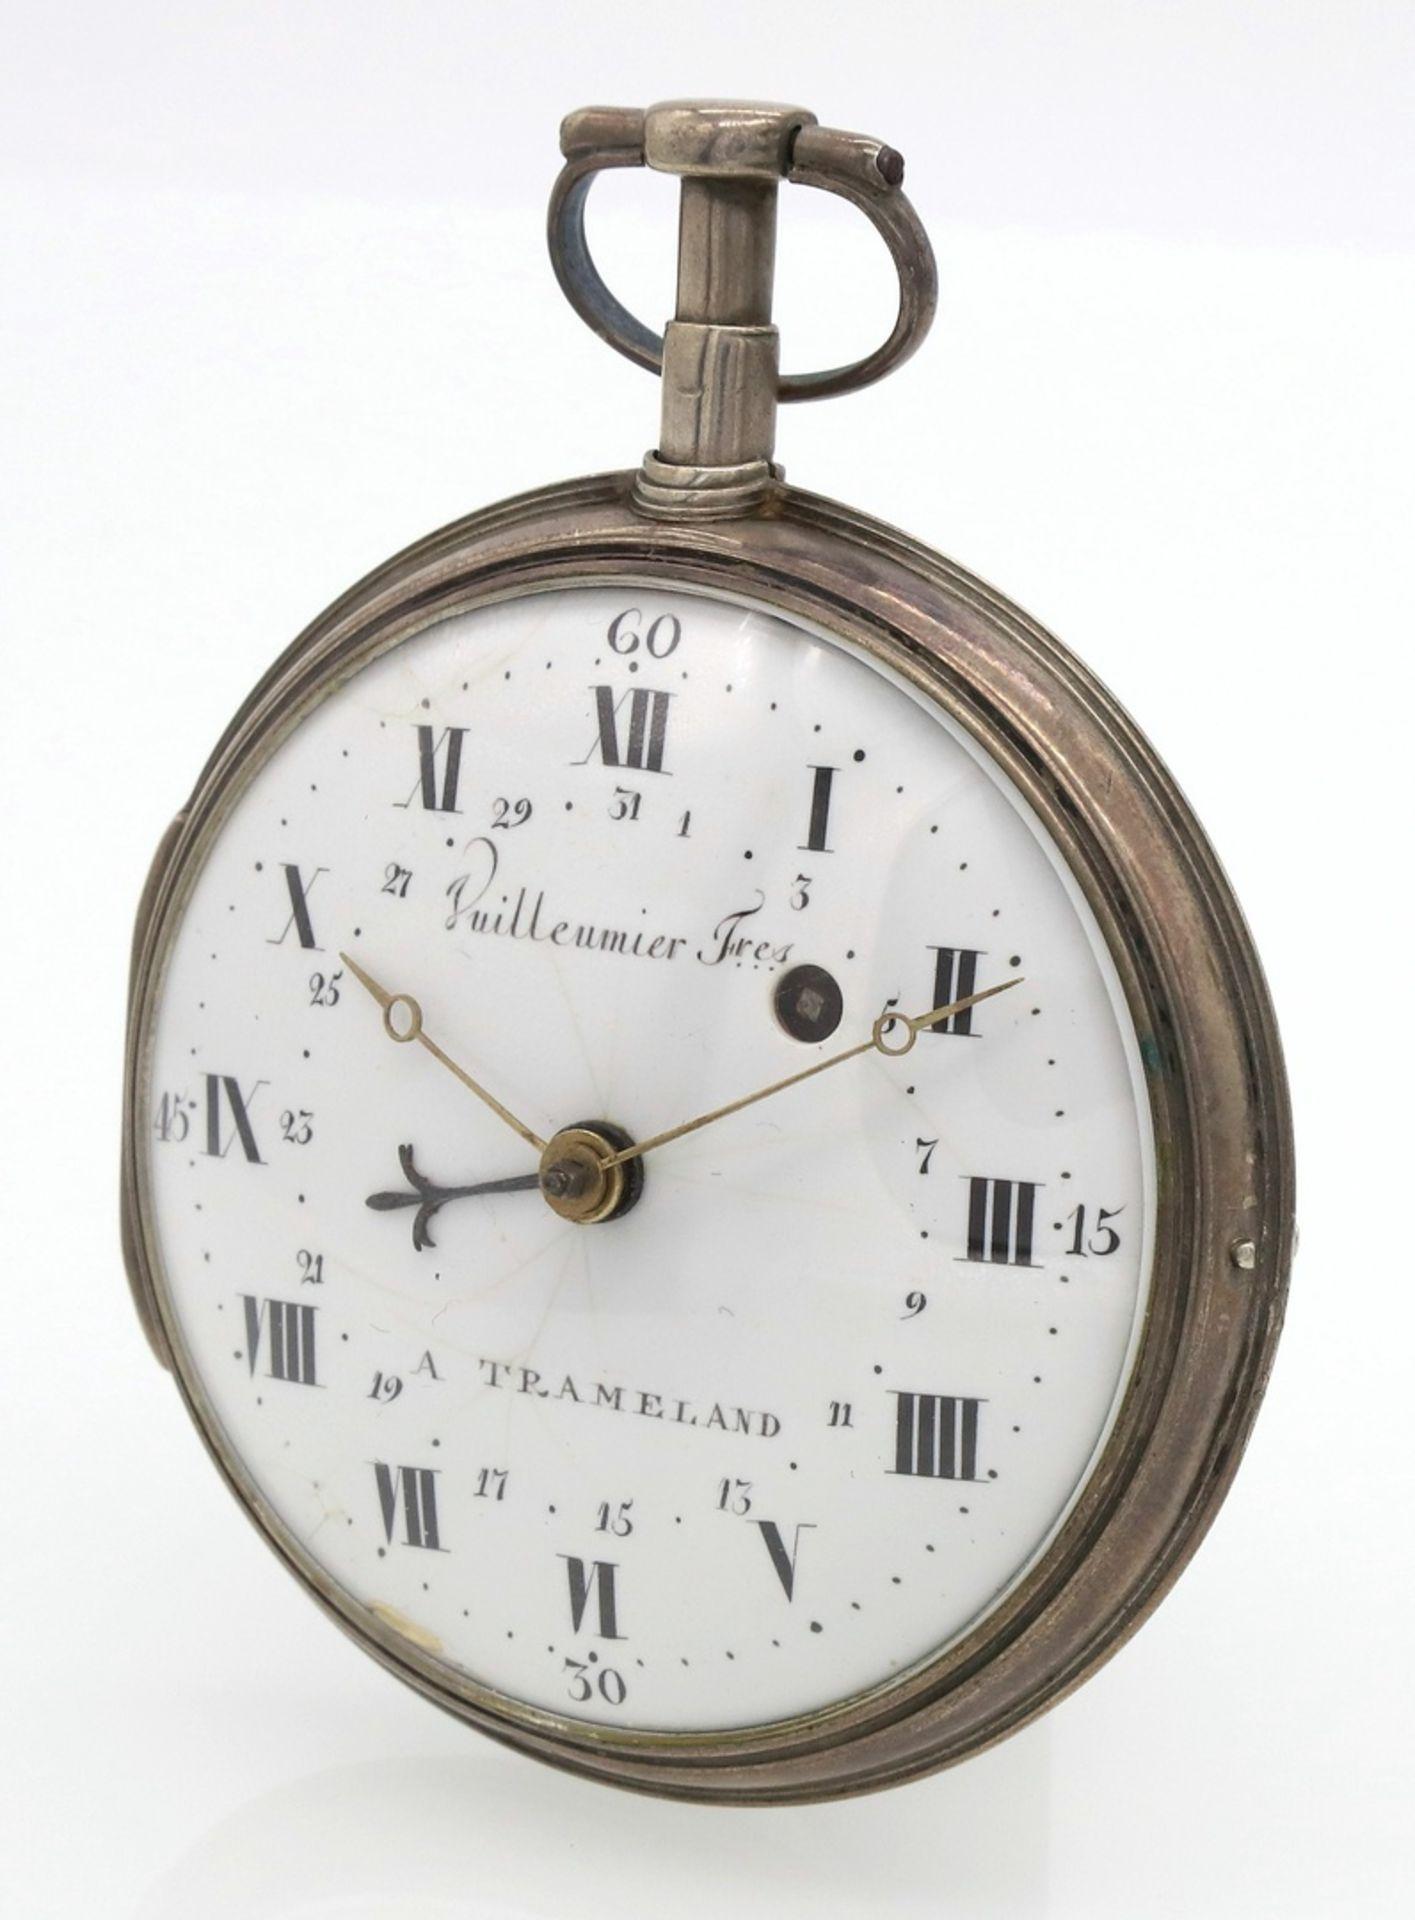 Vuilleumier Fres silberne Spindeltaschenuhr mit Datumsanzeige, um 1830 - Bild 2 aus 5